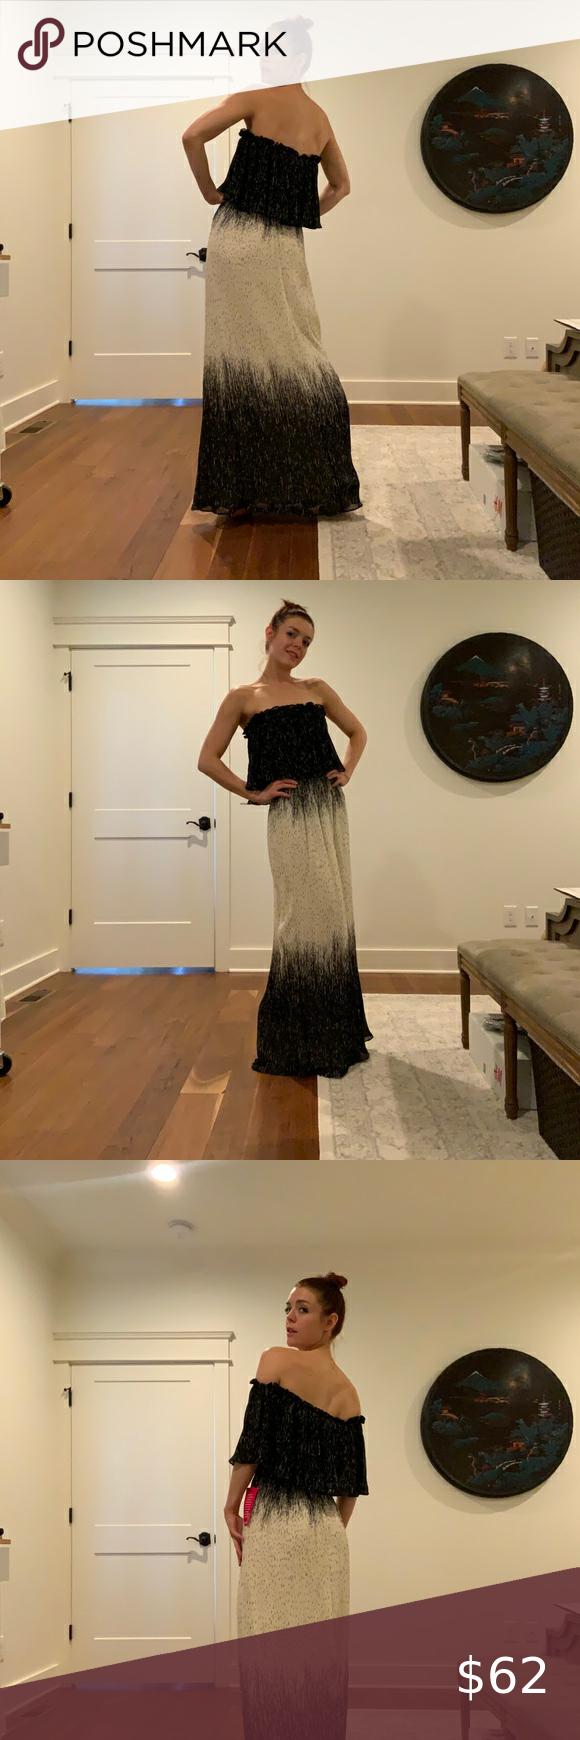 Dillard S Halston Strapless Black And Cream Gown Dress Size Chart Women Long Black Evening Dress Cocktail Dress Code [ 1740 x 580 Pixel ]